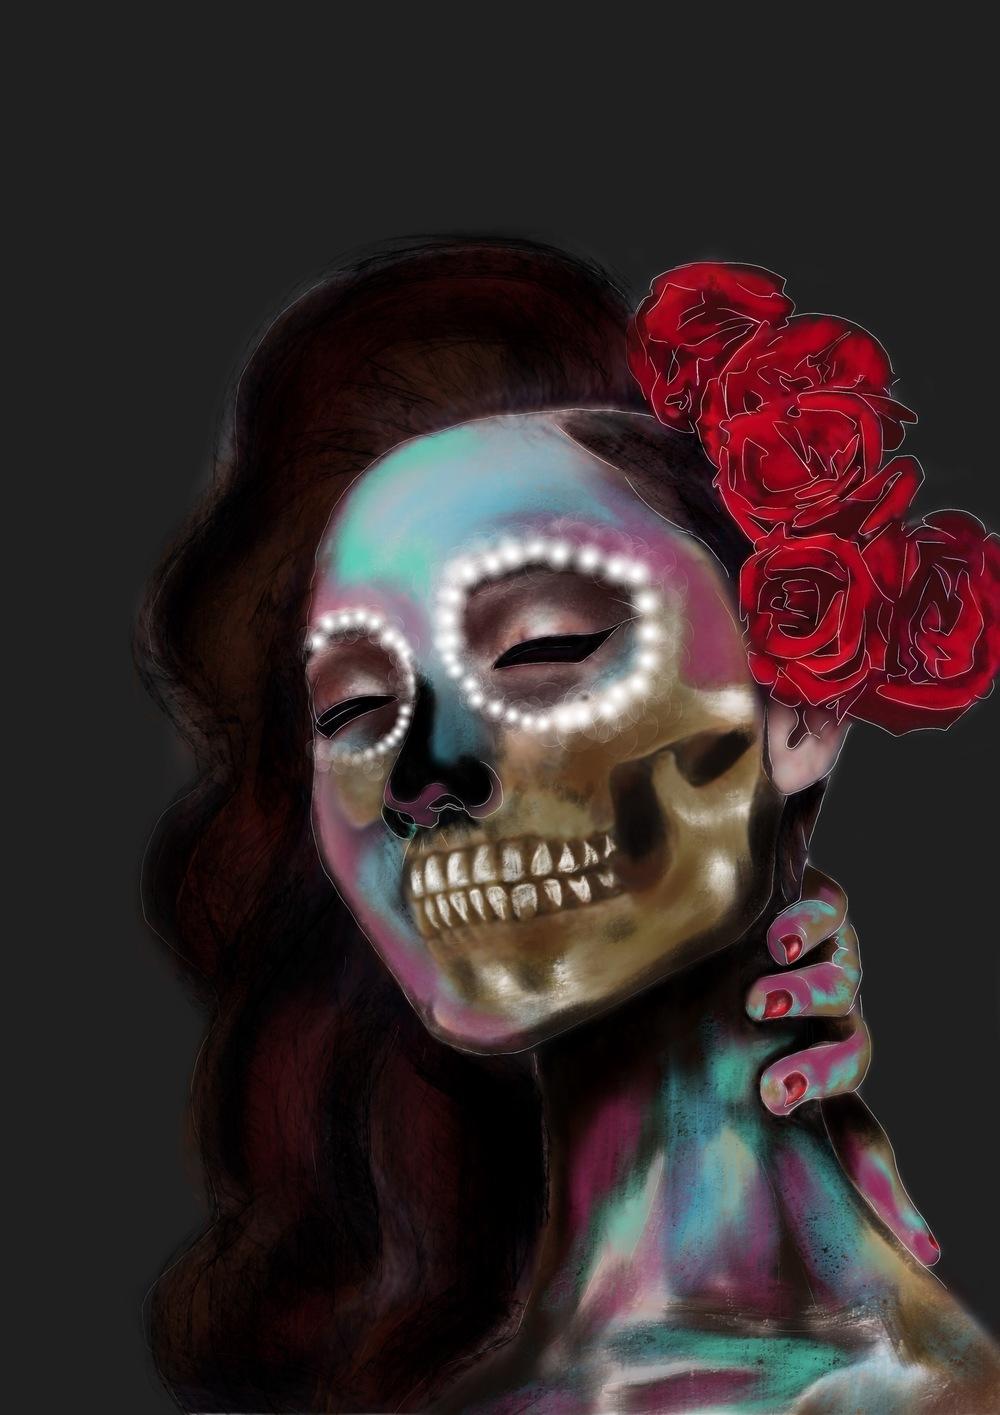 La Rosa Rojo